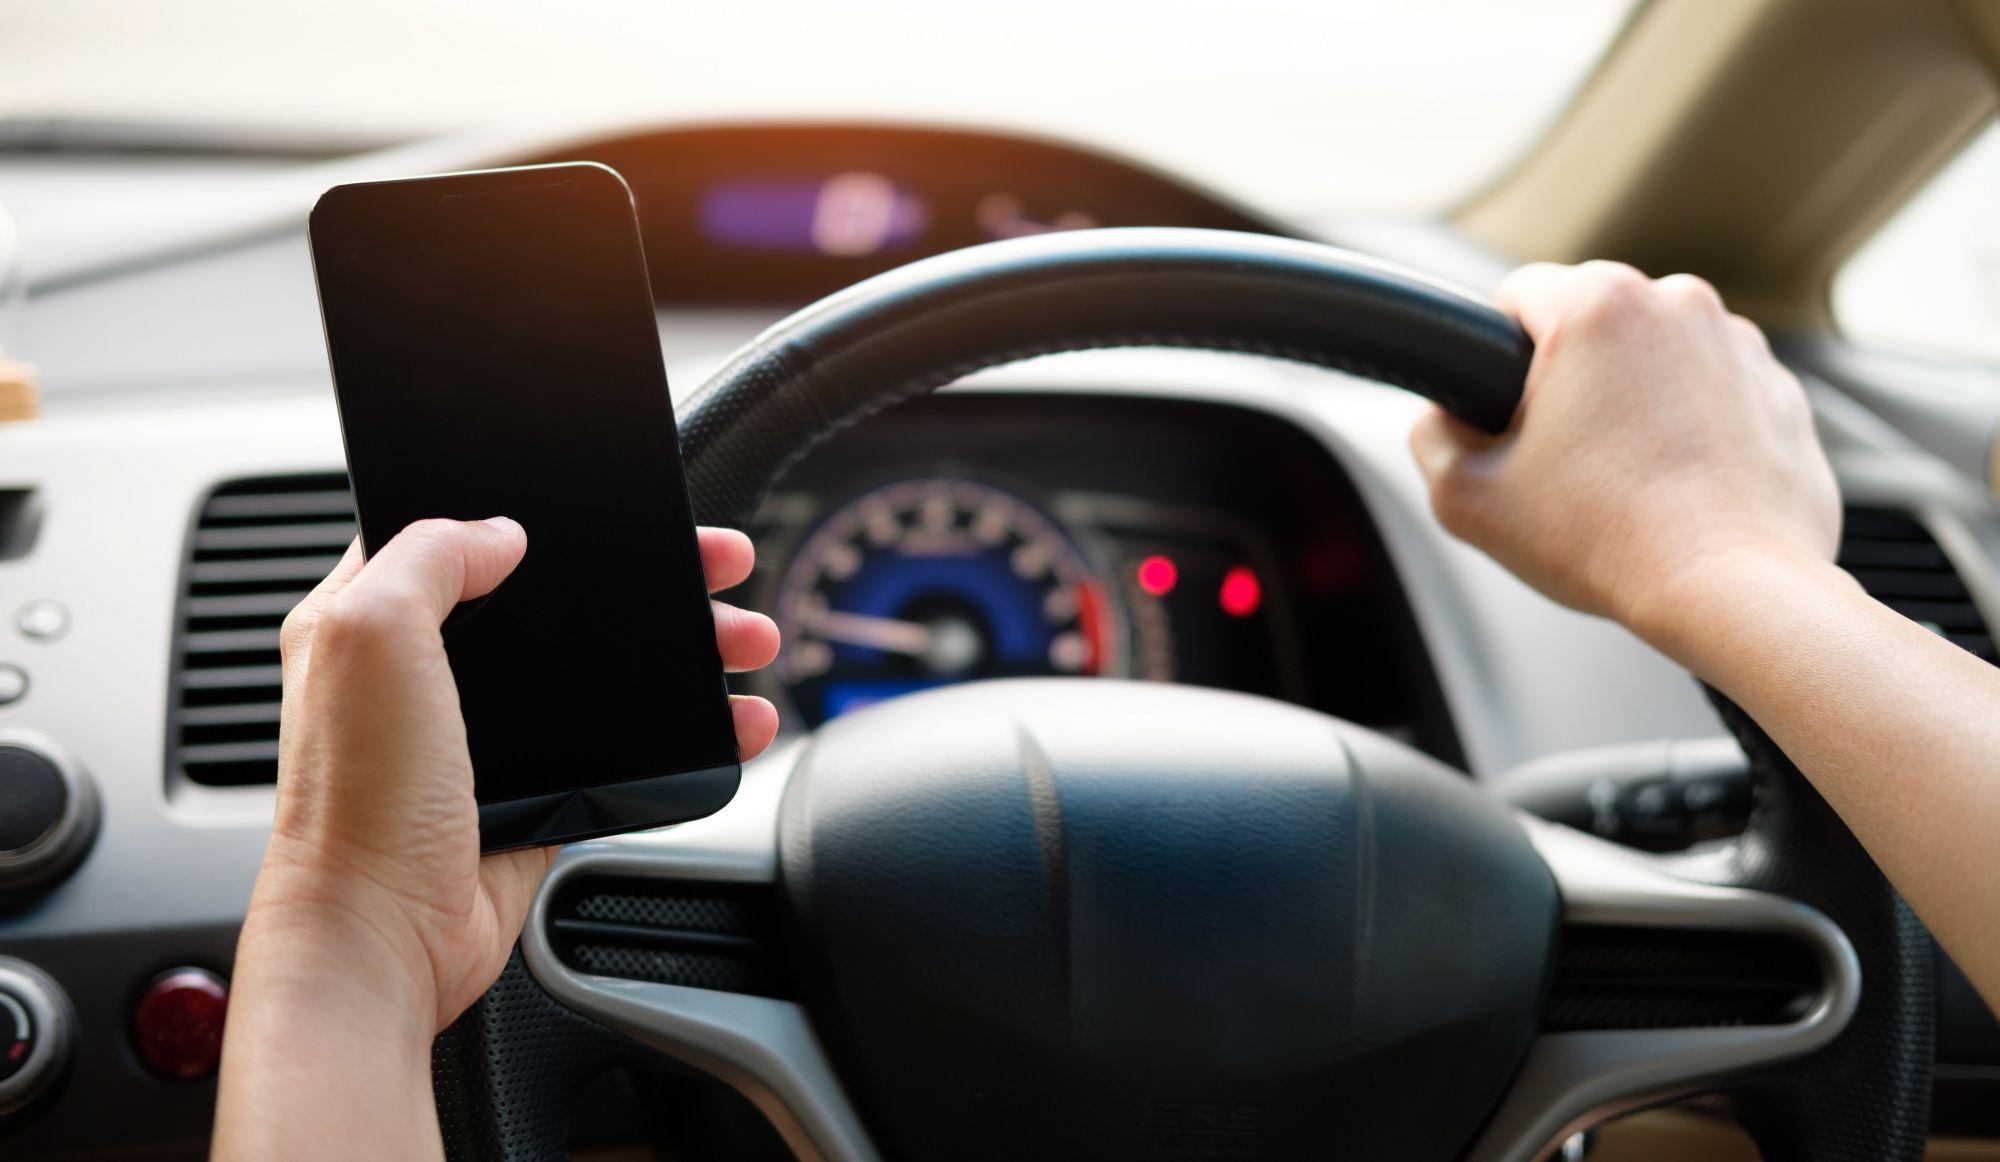 Cellulaire au volant: c'est samedi que les règles (et les amendes!) changent!